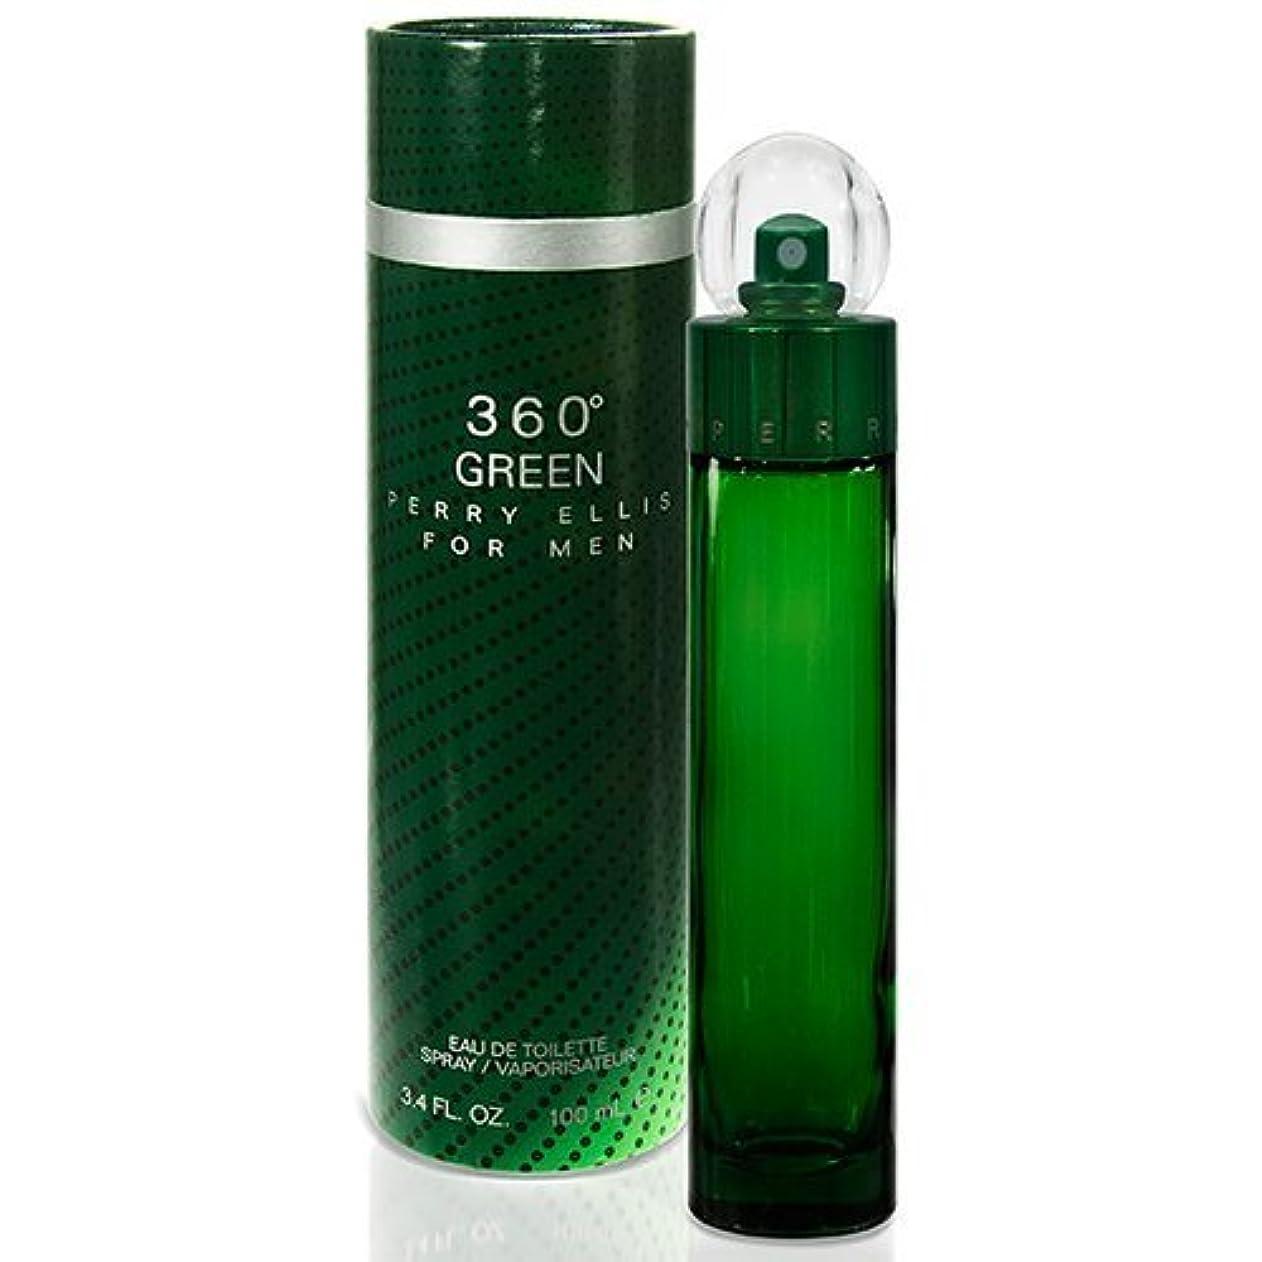 酸学期バドミントンペリーエリス PERRY ELLIS 360°グリーン フォーメン 100ml EDT SP オードトワレスプレー